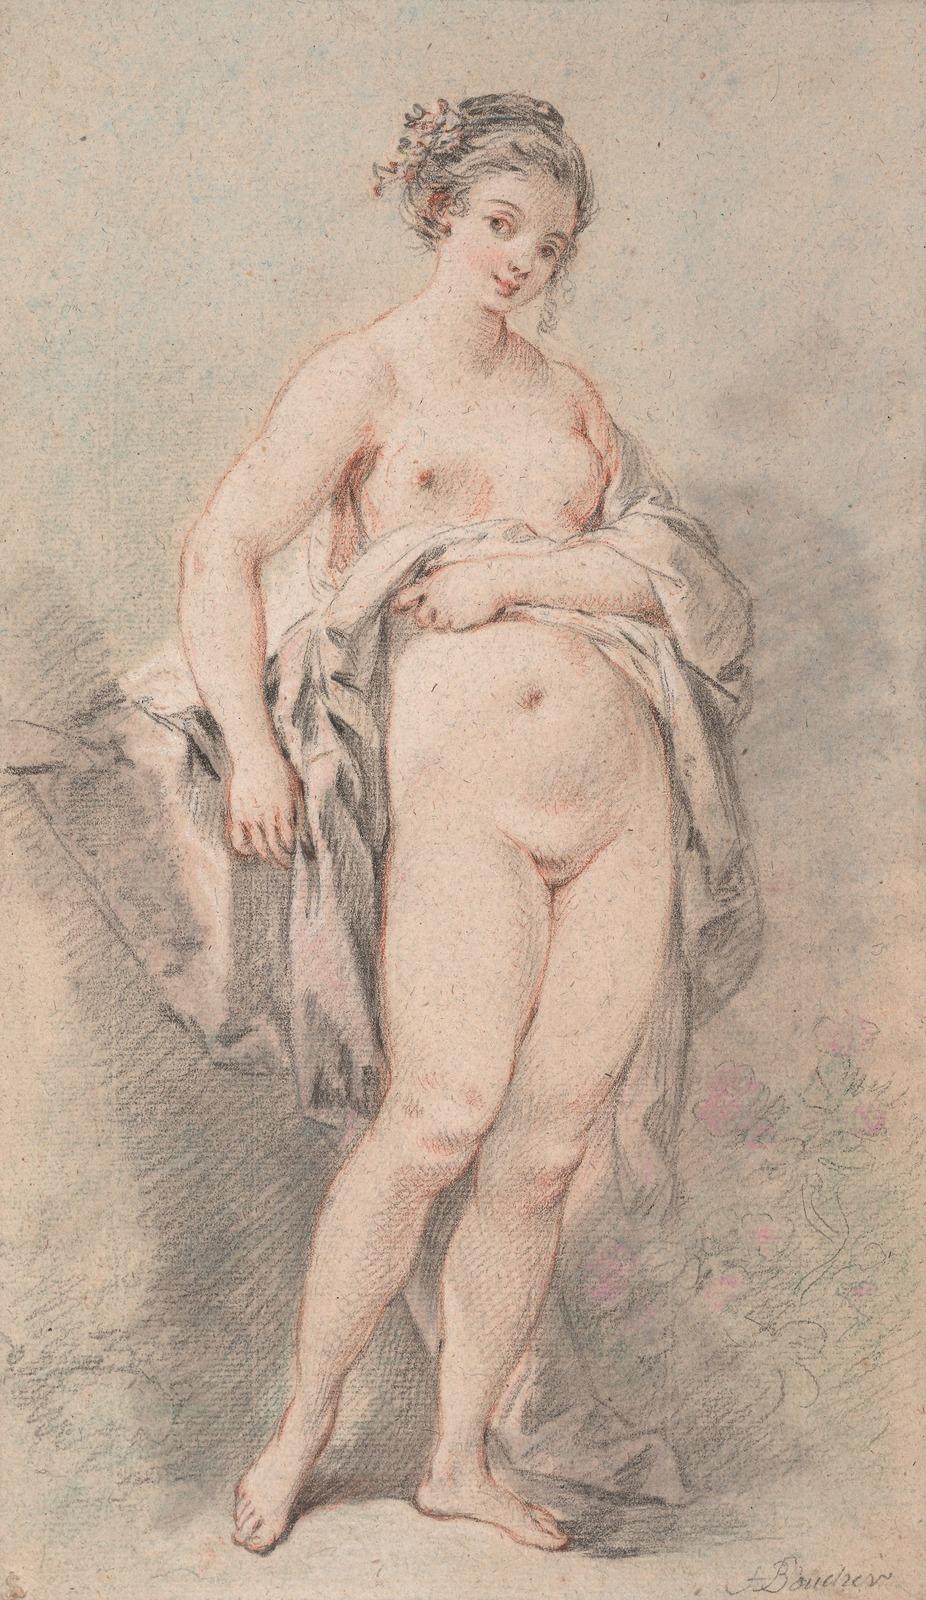 Франсуа Буше. Стоящая обнажённая (Standing Nude Girl). 34.7 х 20. Чёрный и белый мел, красный, зелёный и фиолетовый пастельный карандаш. Вена, Альбертина.